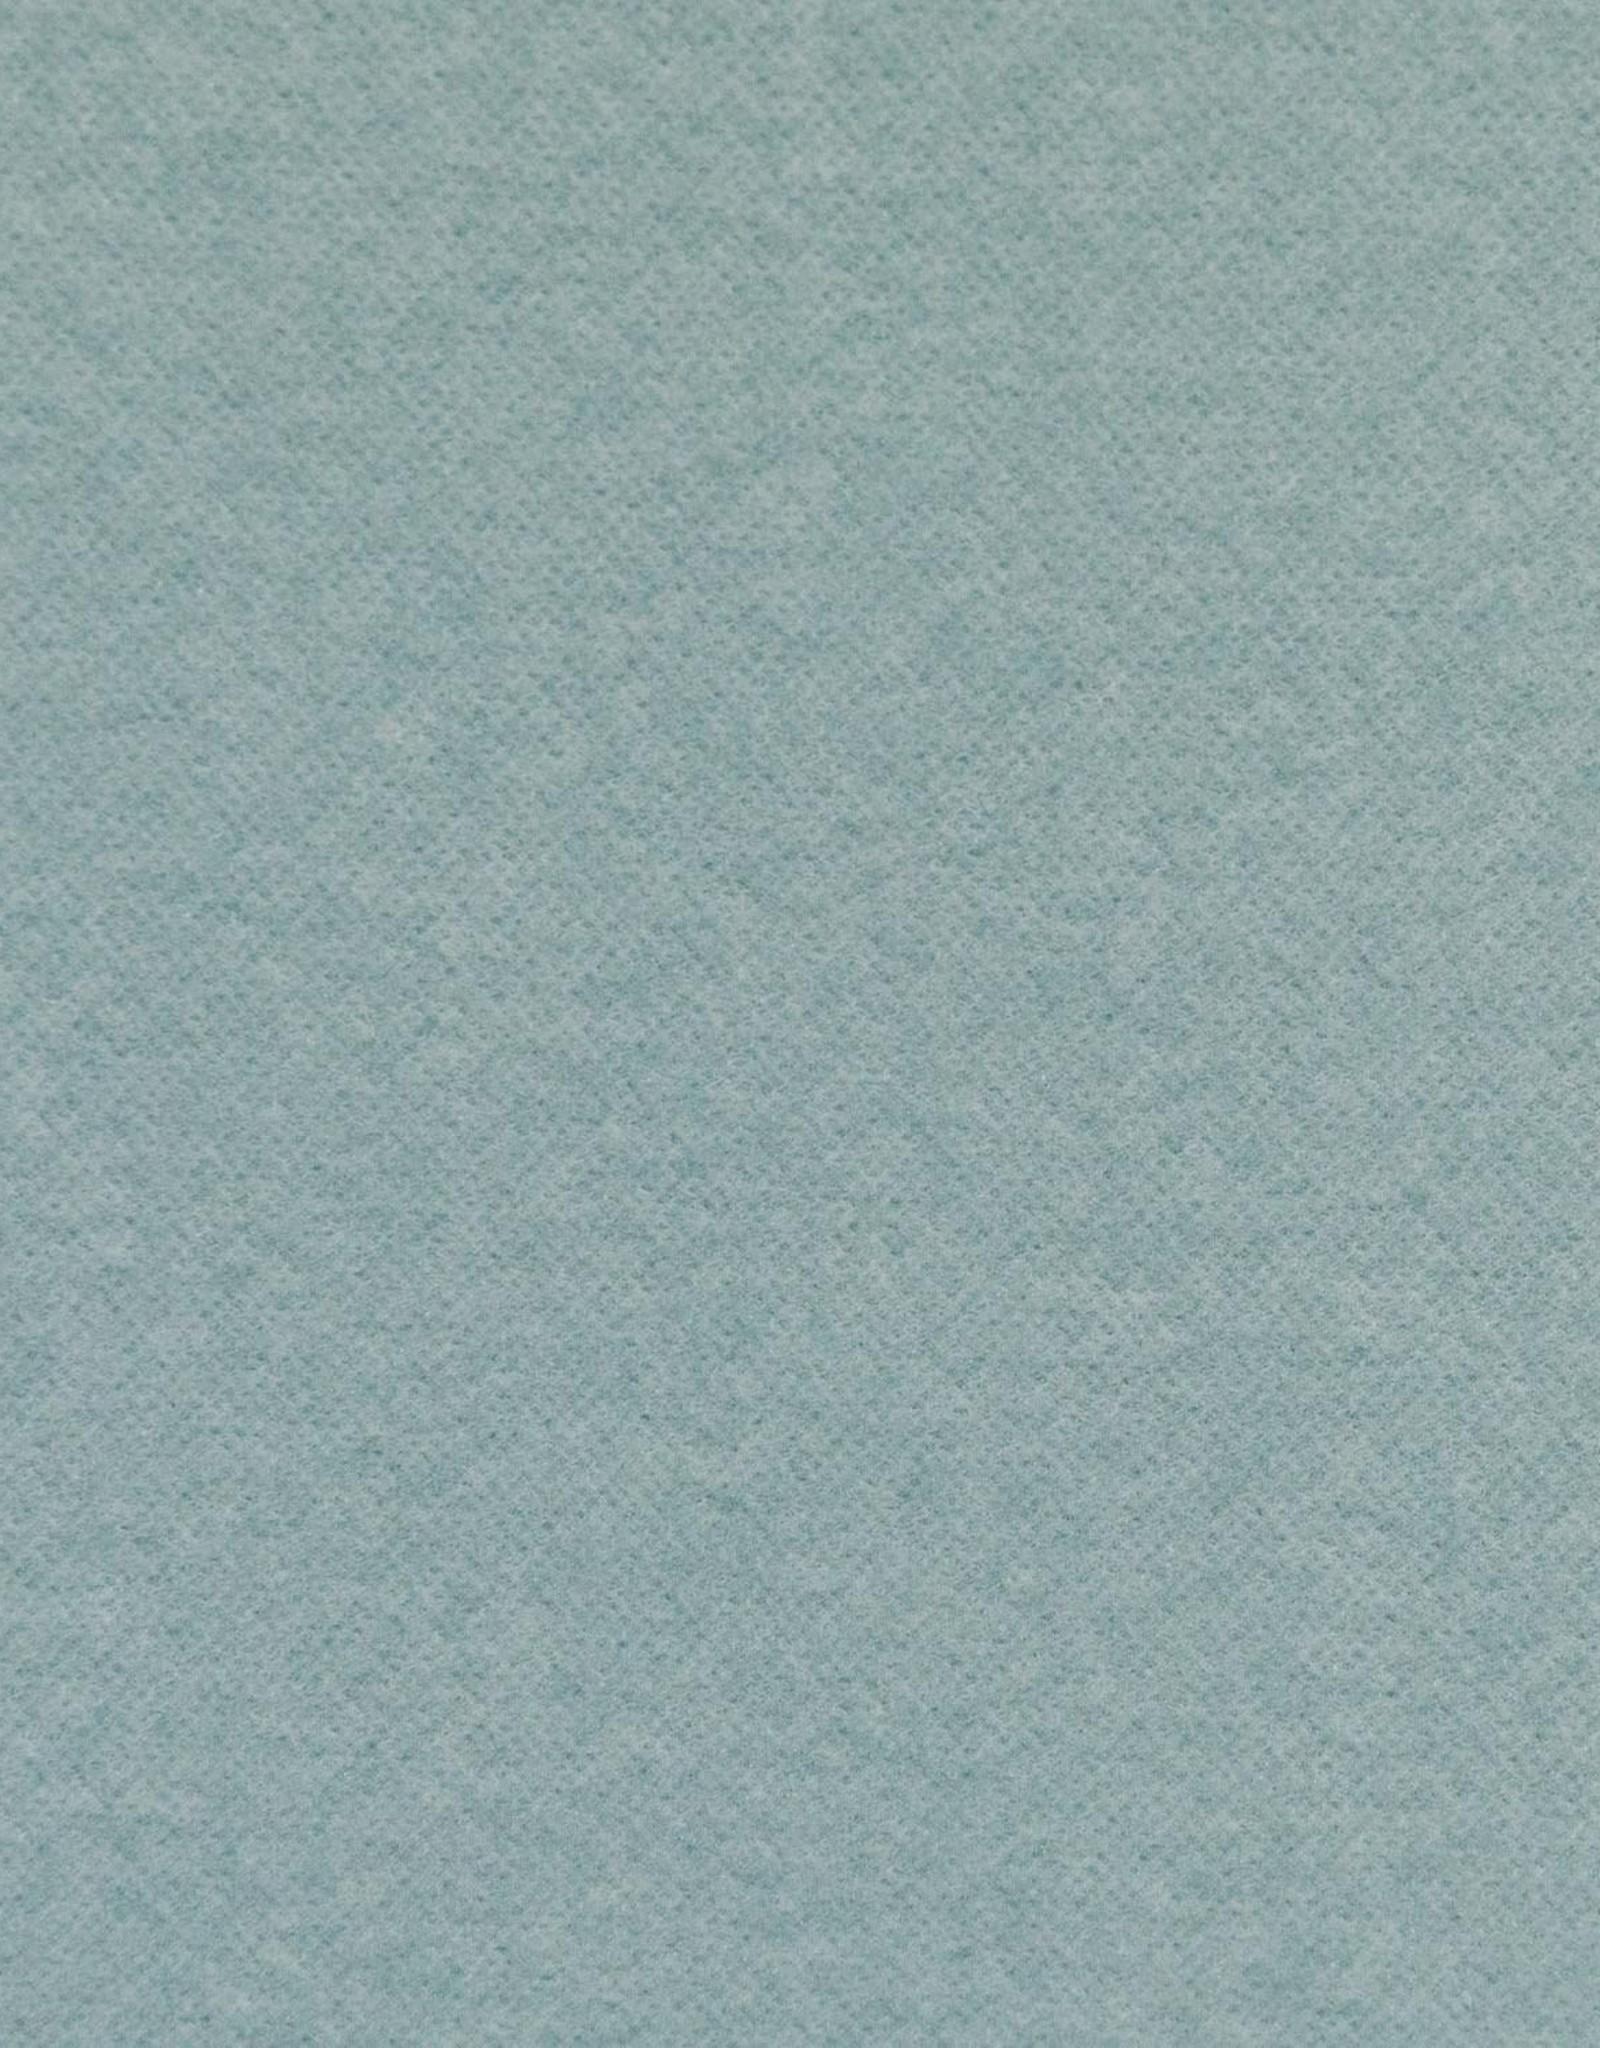 Katia Polar Fabric Aqua